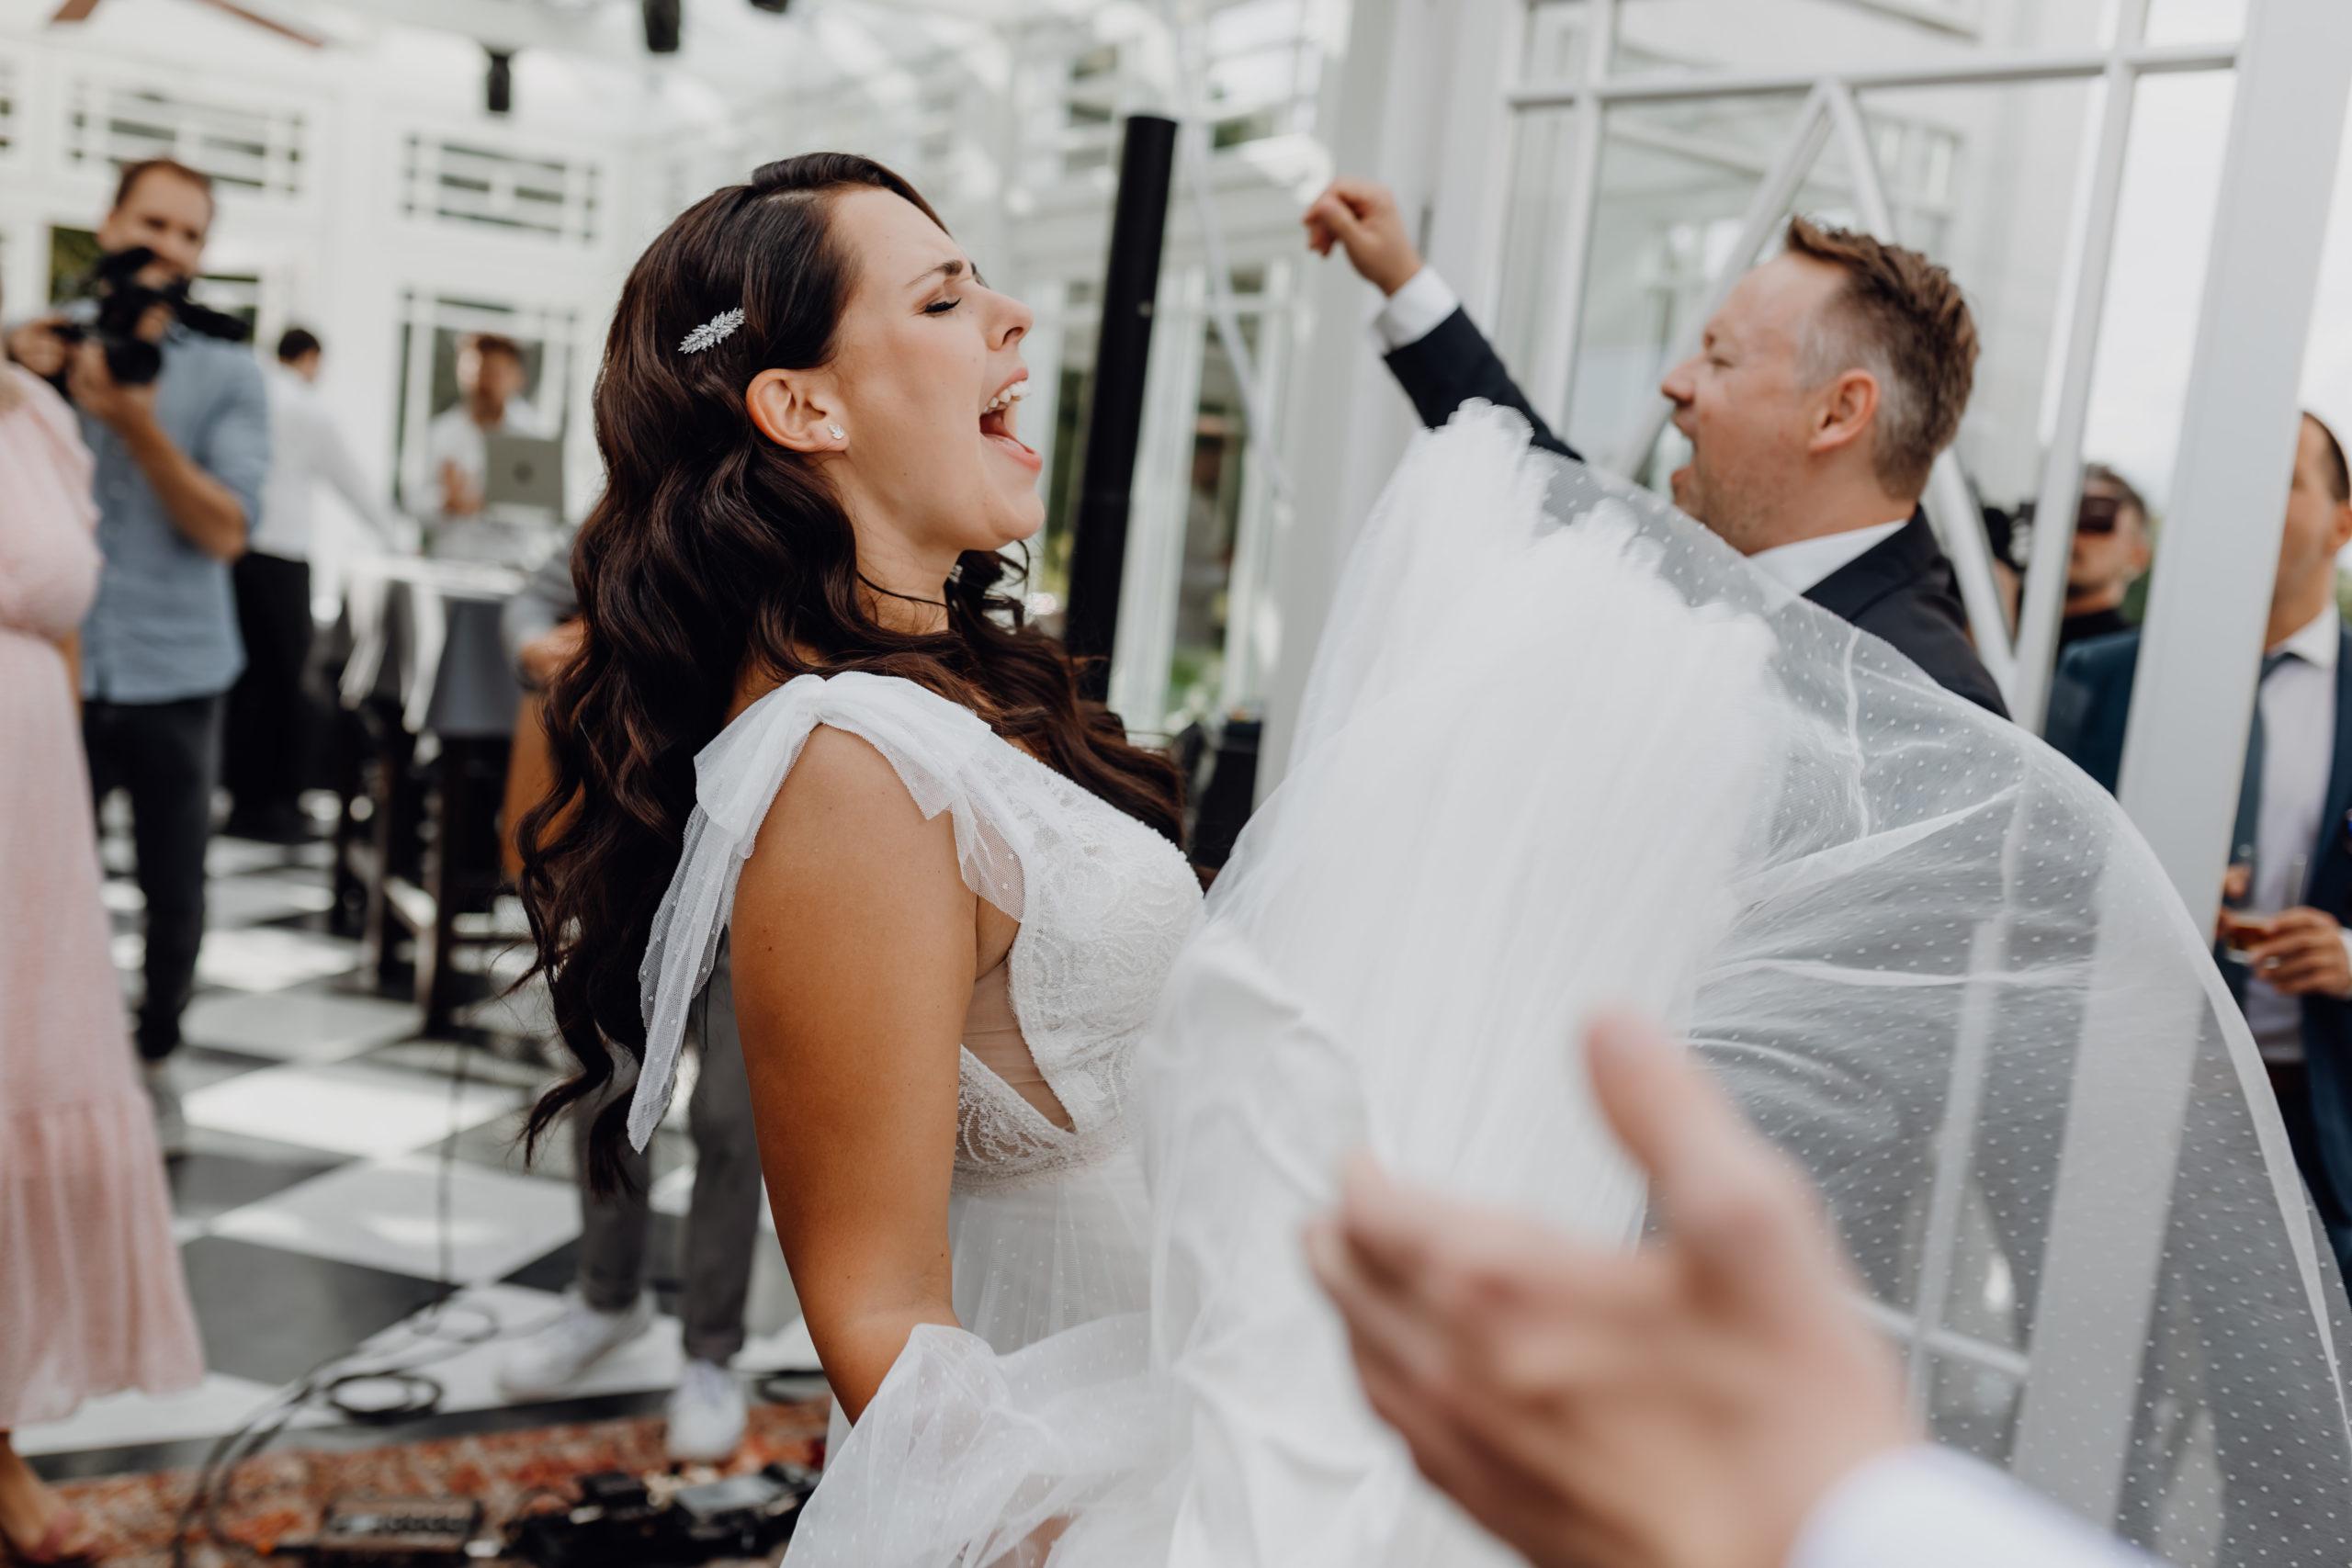 Hochzeitspaar tanzt und singt vor Freude